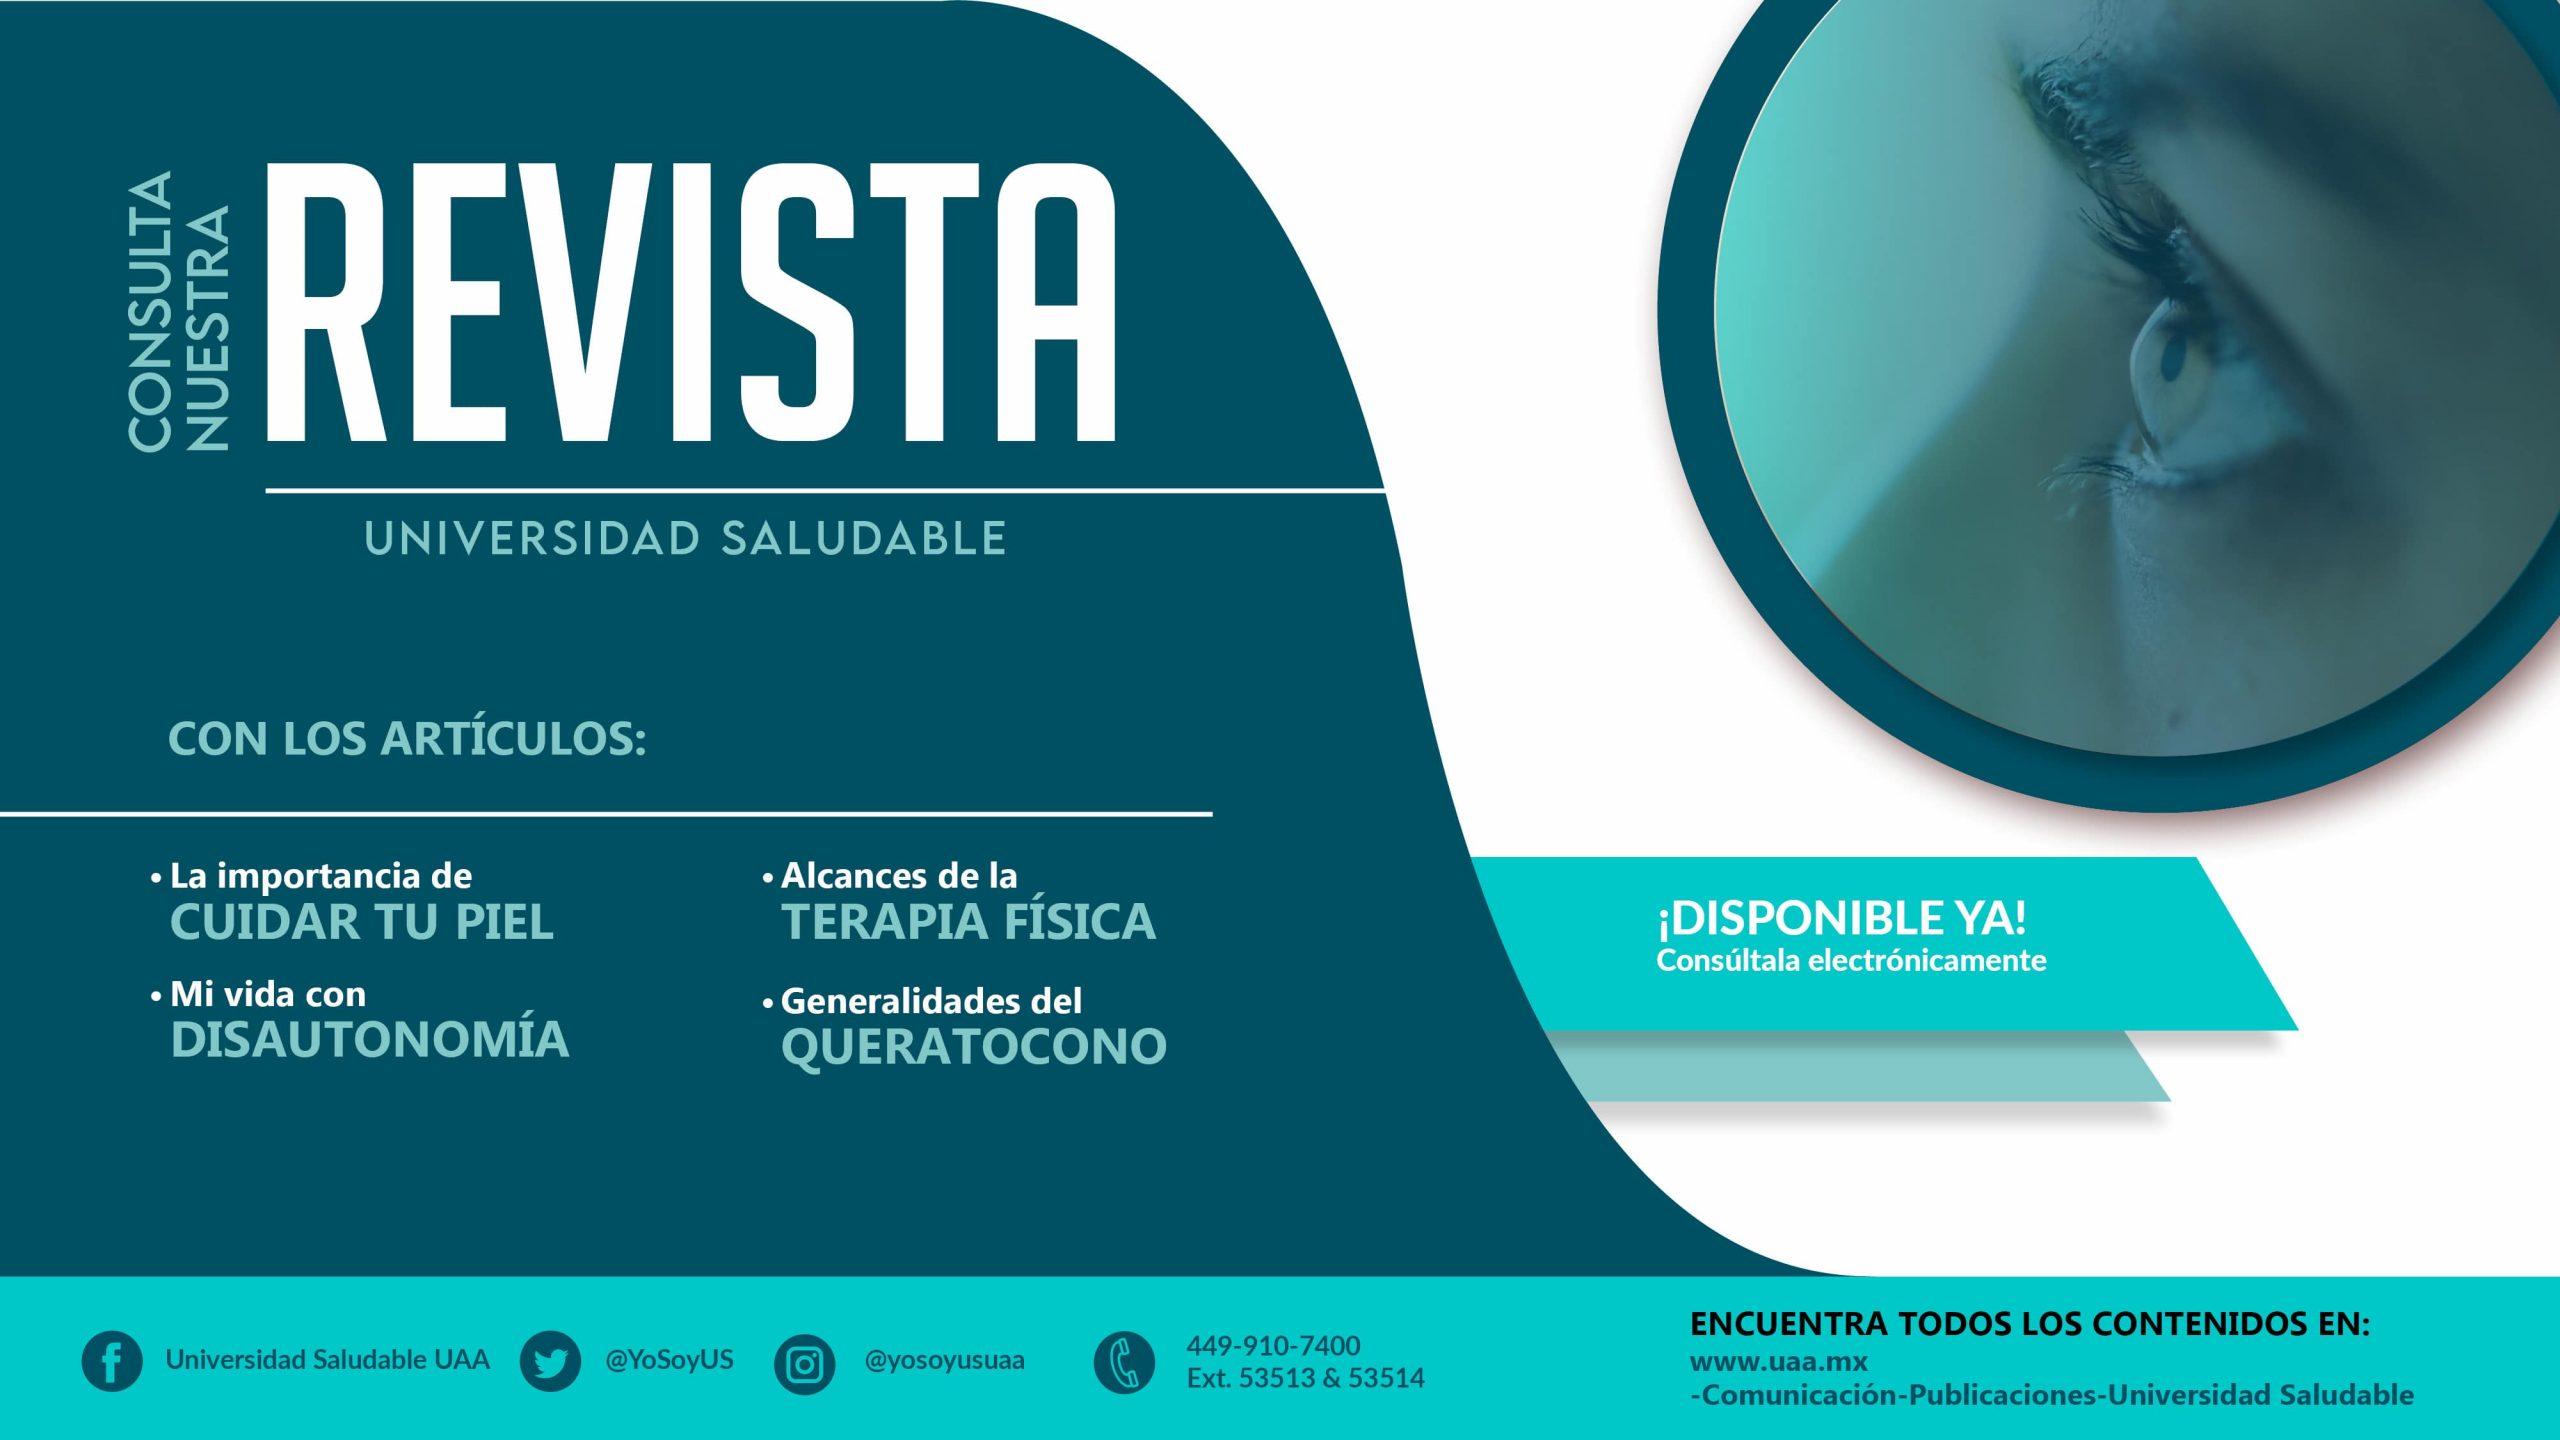 Consulta la revista de Universidad Saludable